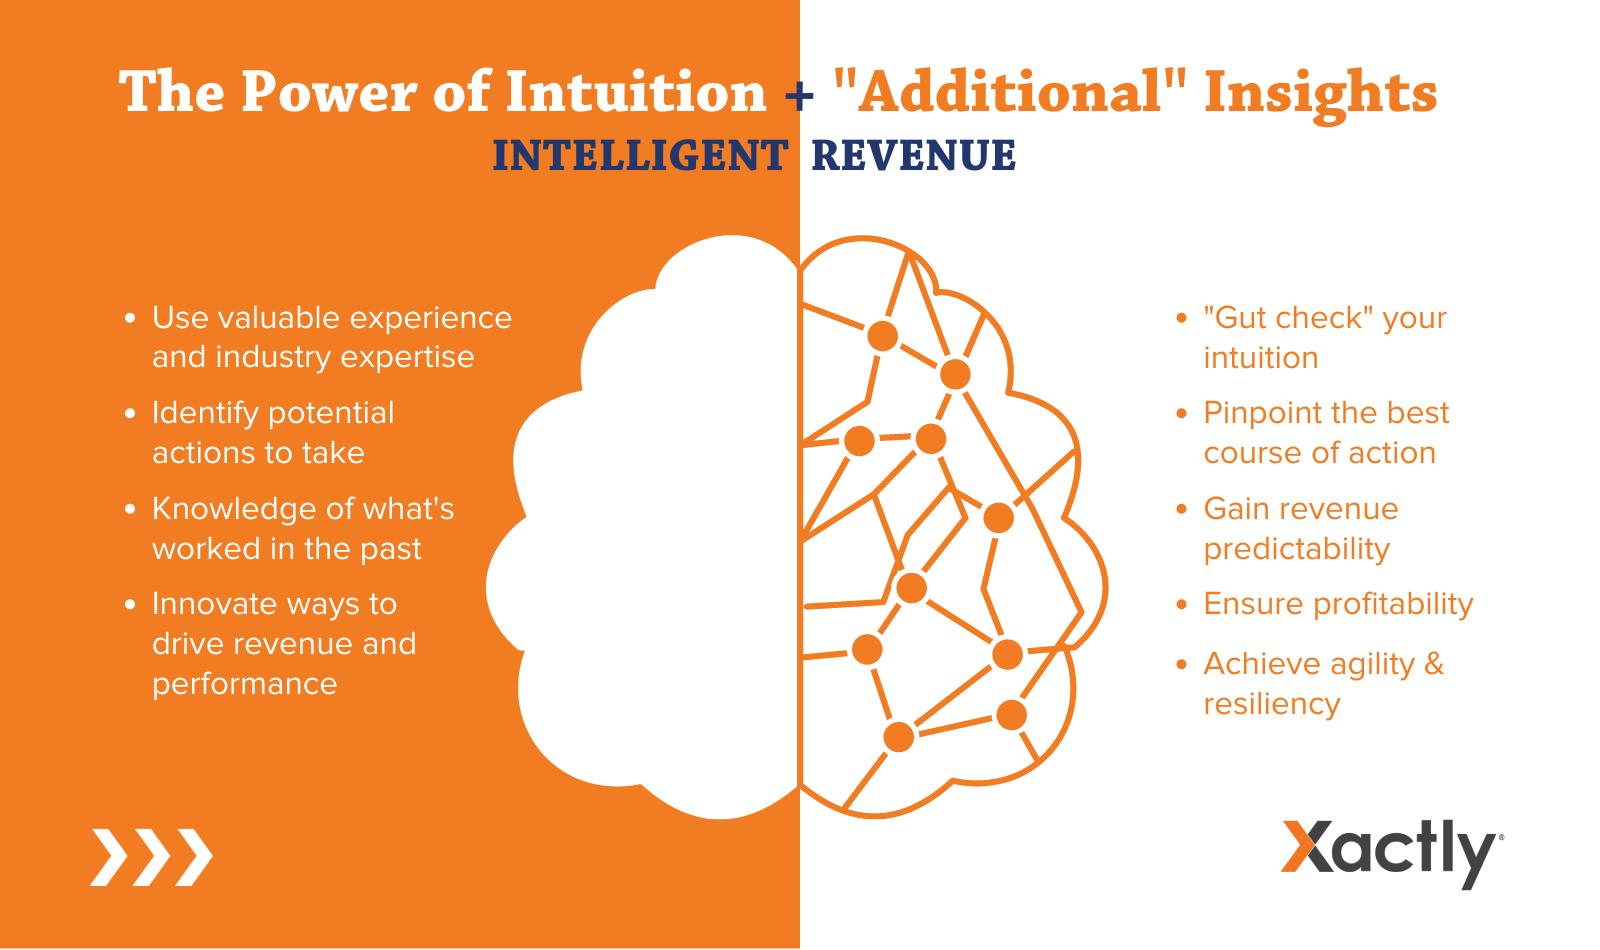 5 Tools to Unleash Intelligent Revenue